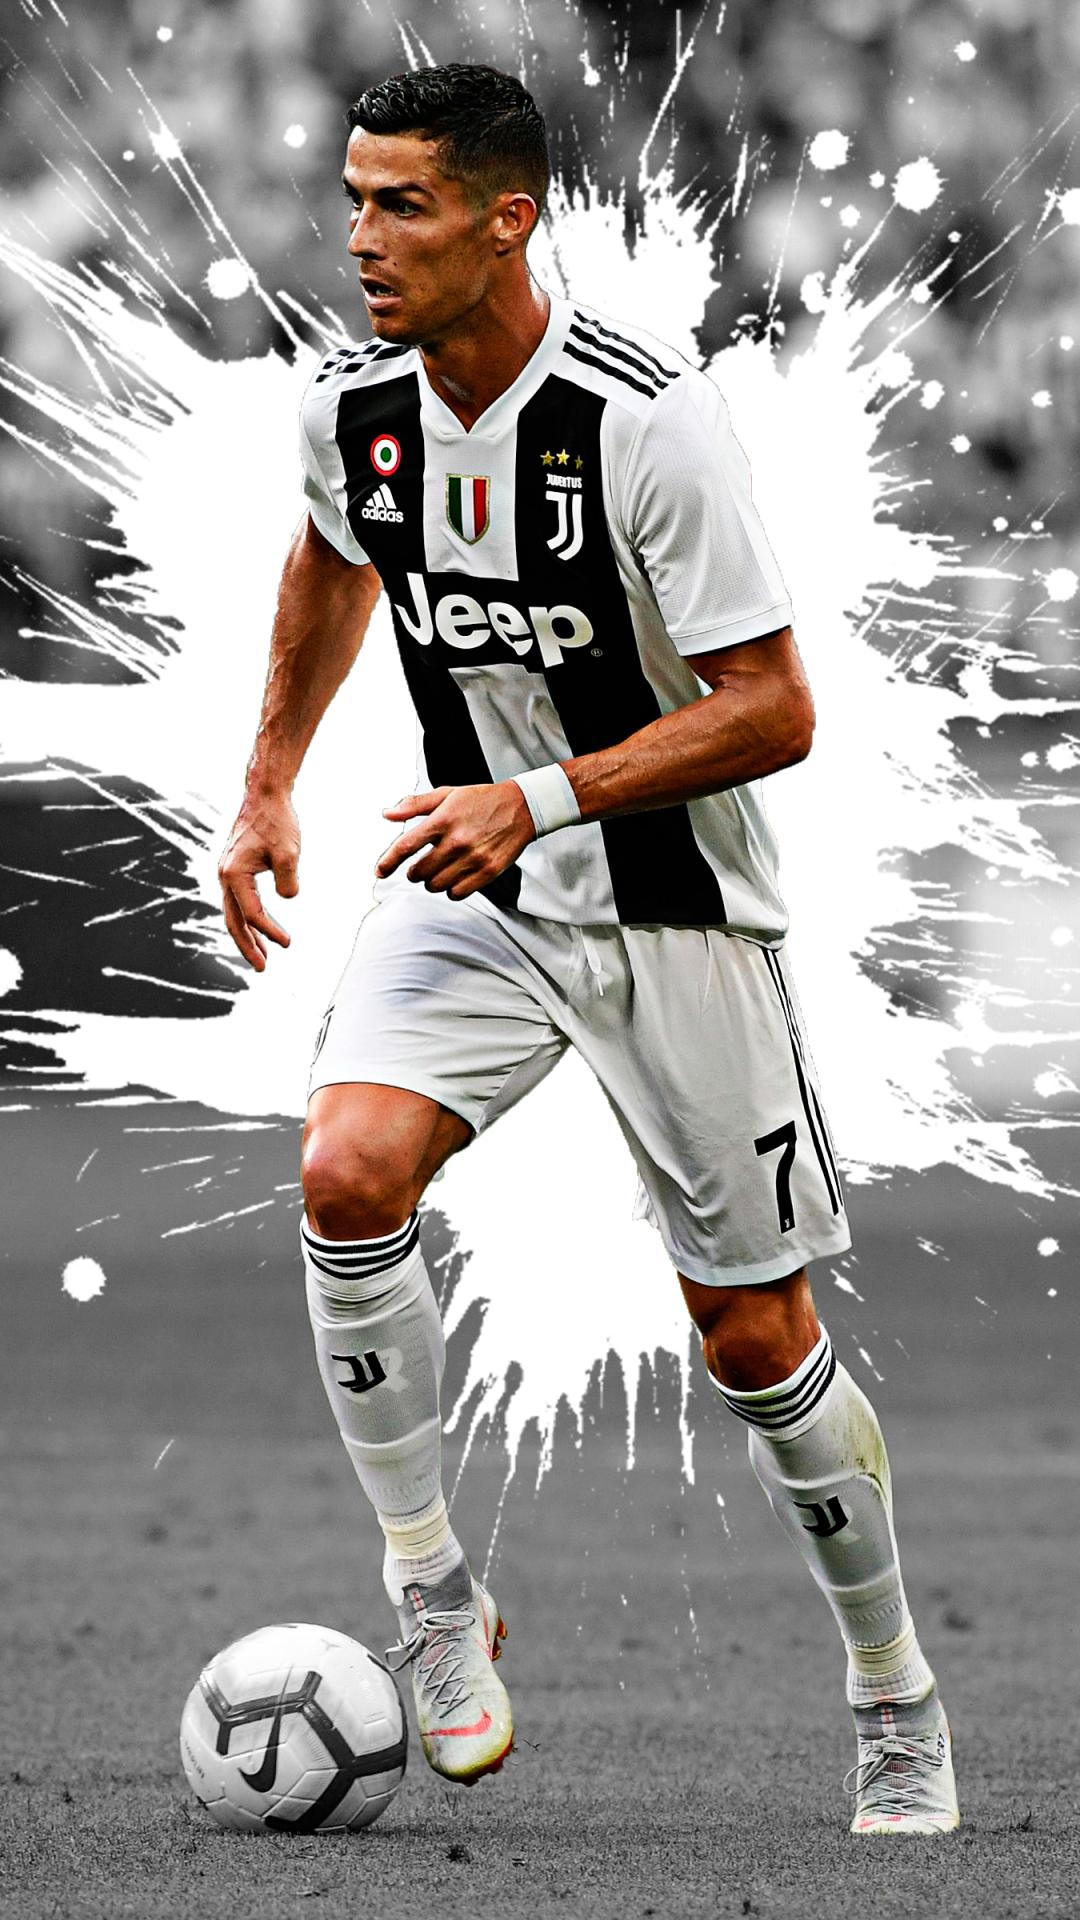 SportsCristiano Ronaldo 1080x1920 Wallpaper ID 754025   Mobile 1080x1920